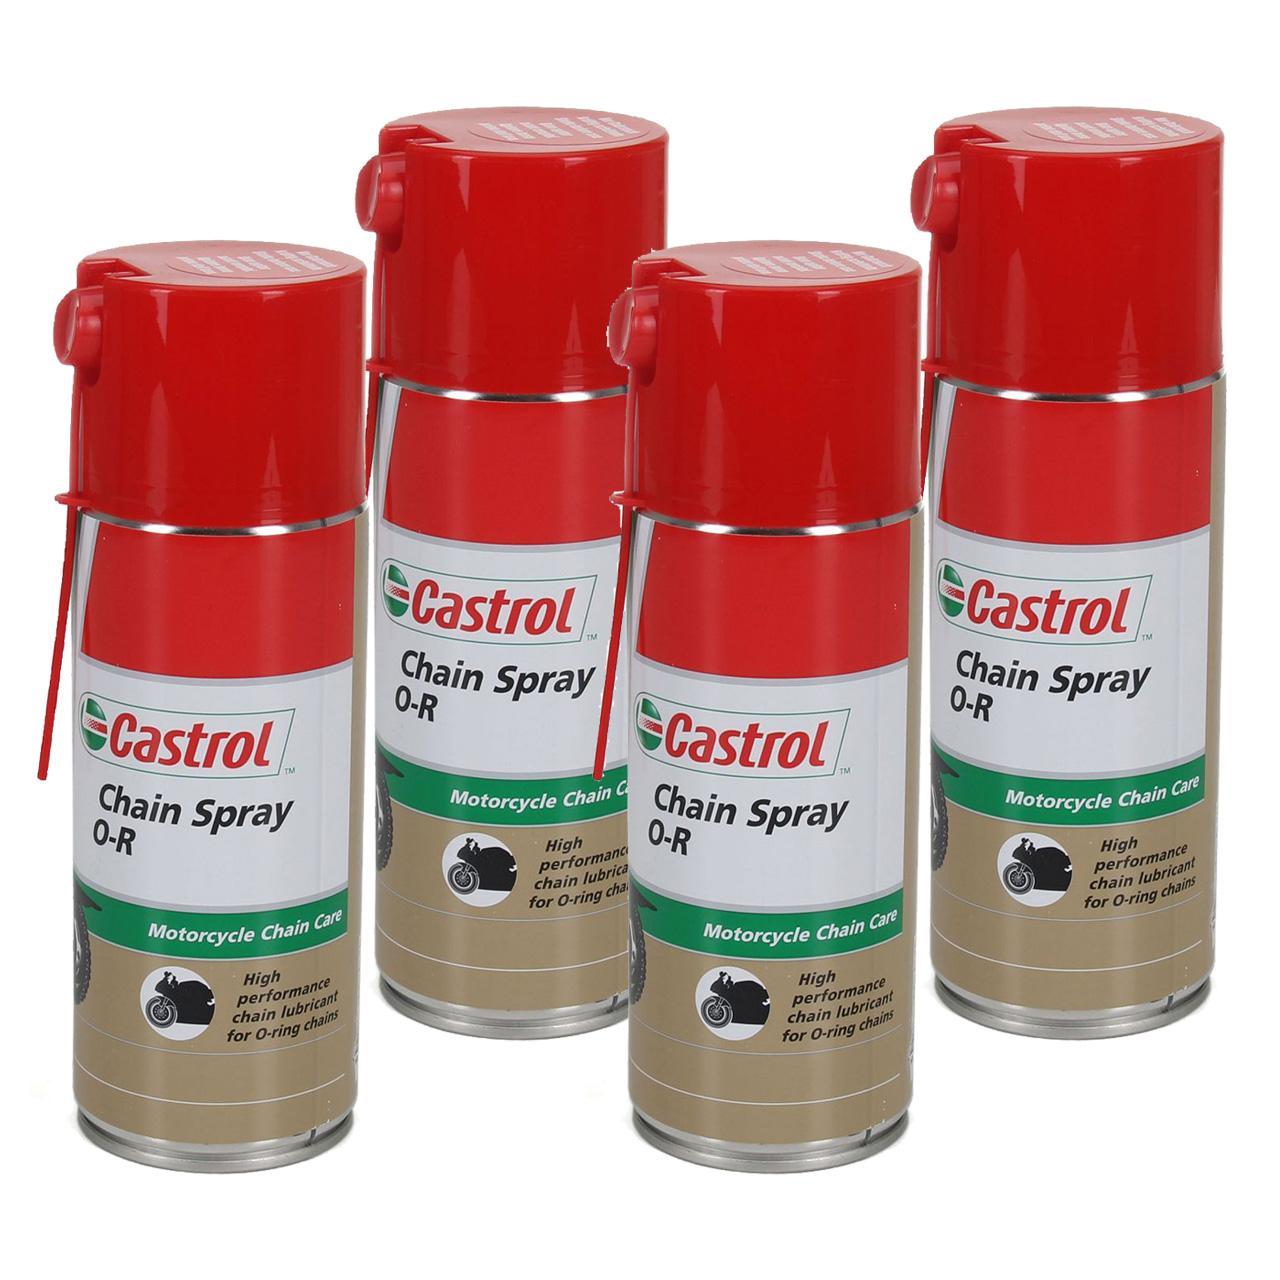 CASTROL Chain Spray O-R Kettenspray Kettenfett Fettspray Motorrad 4x 400ml